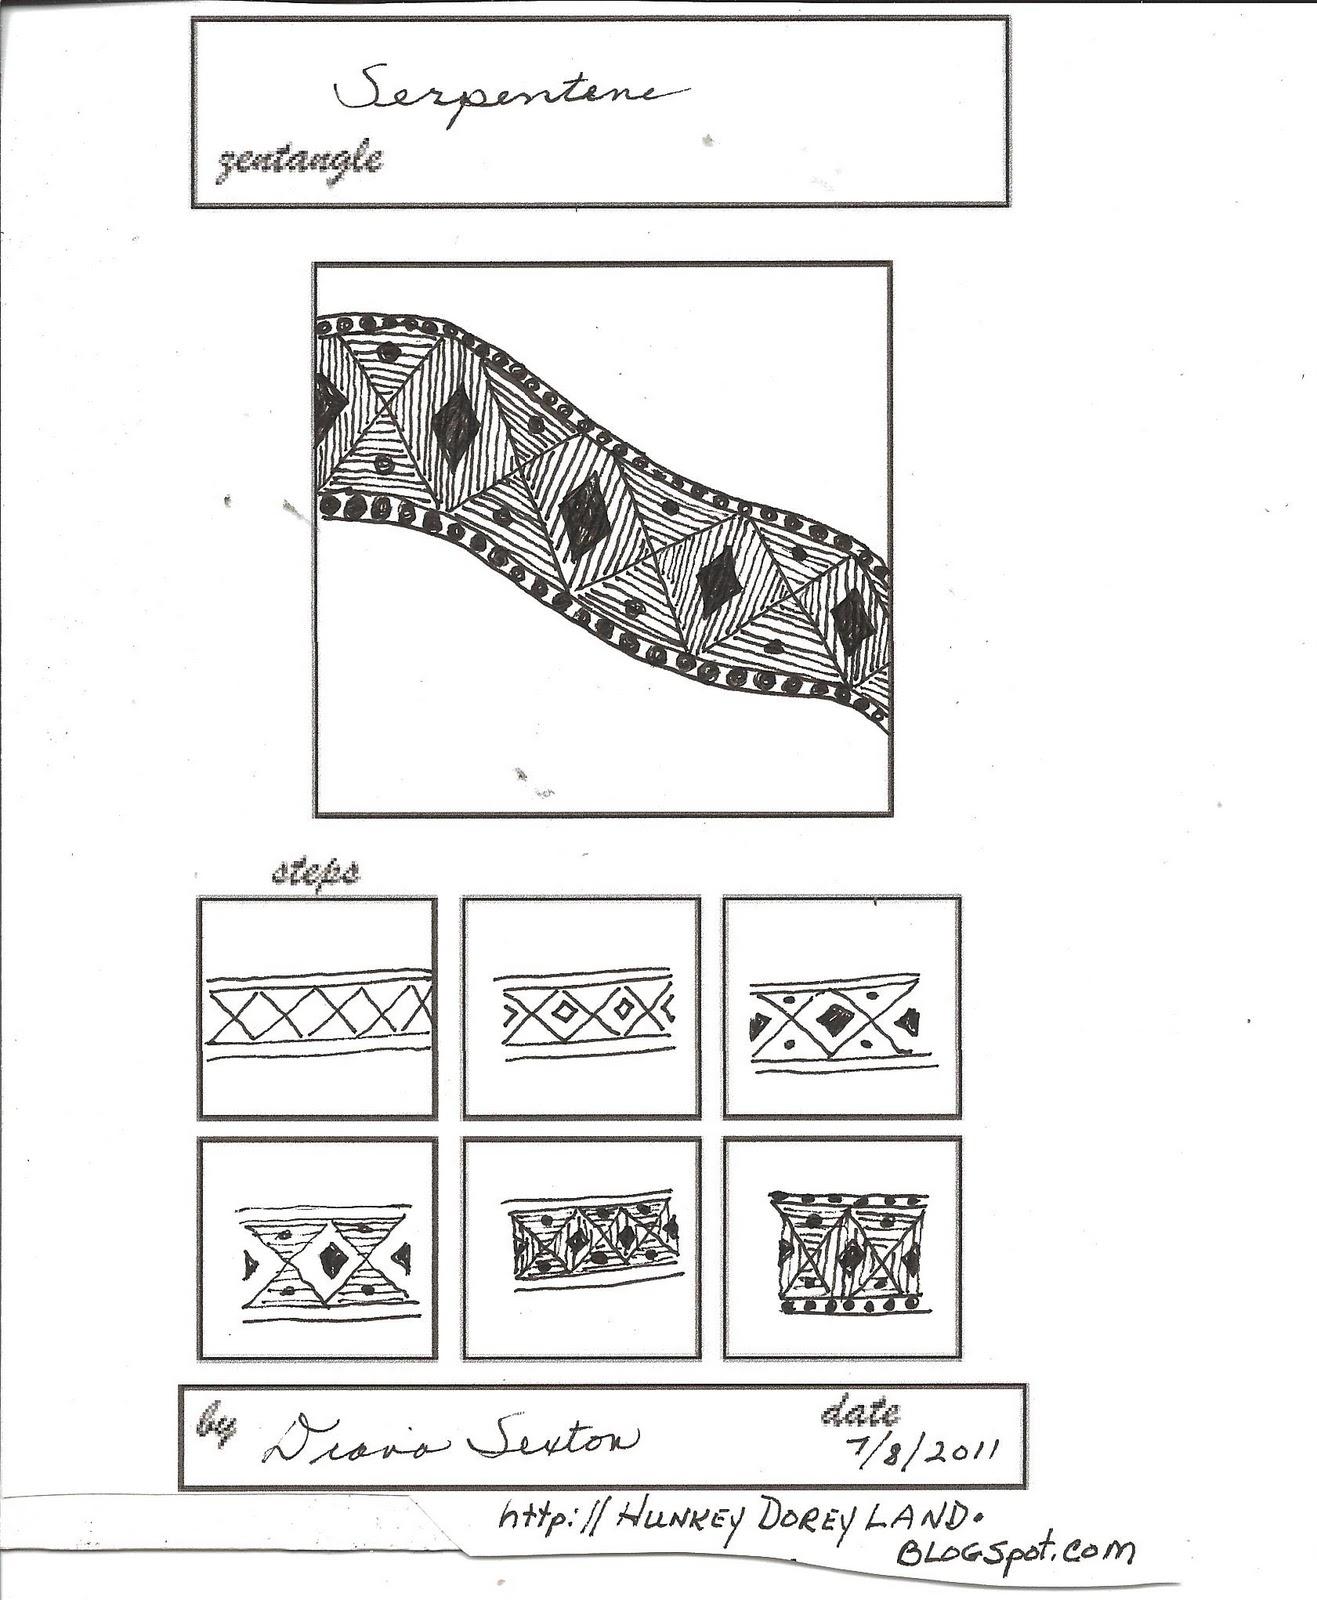 Serpentine zentangle pattern jpg 1 317  215 1 600 pixelsZentangle Patterns Tutorial